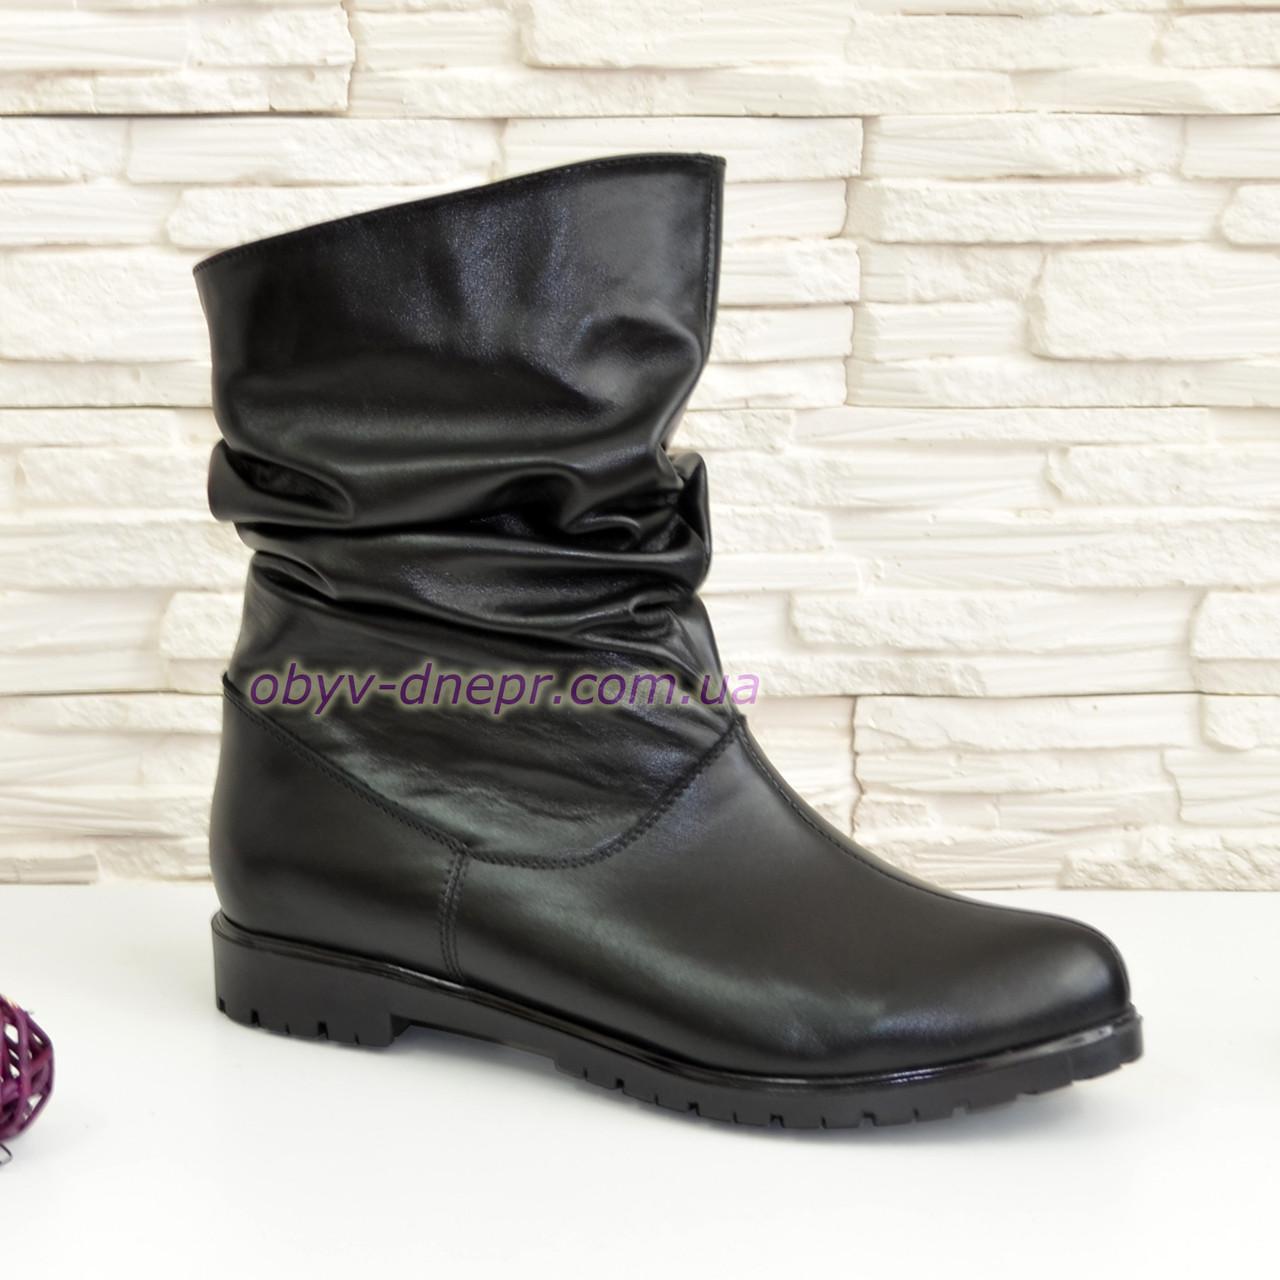 Женские кожаные   ботинки свободного одевания.